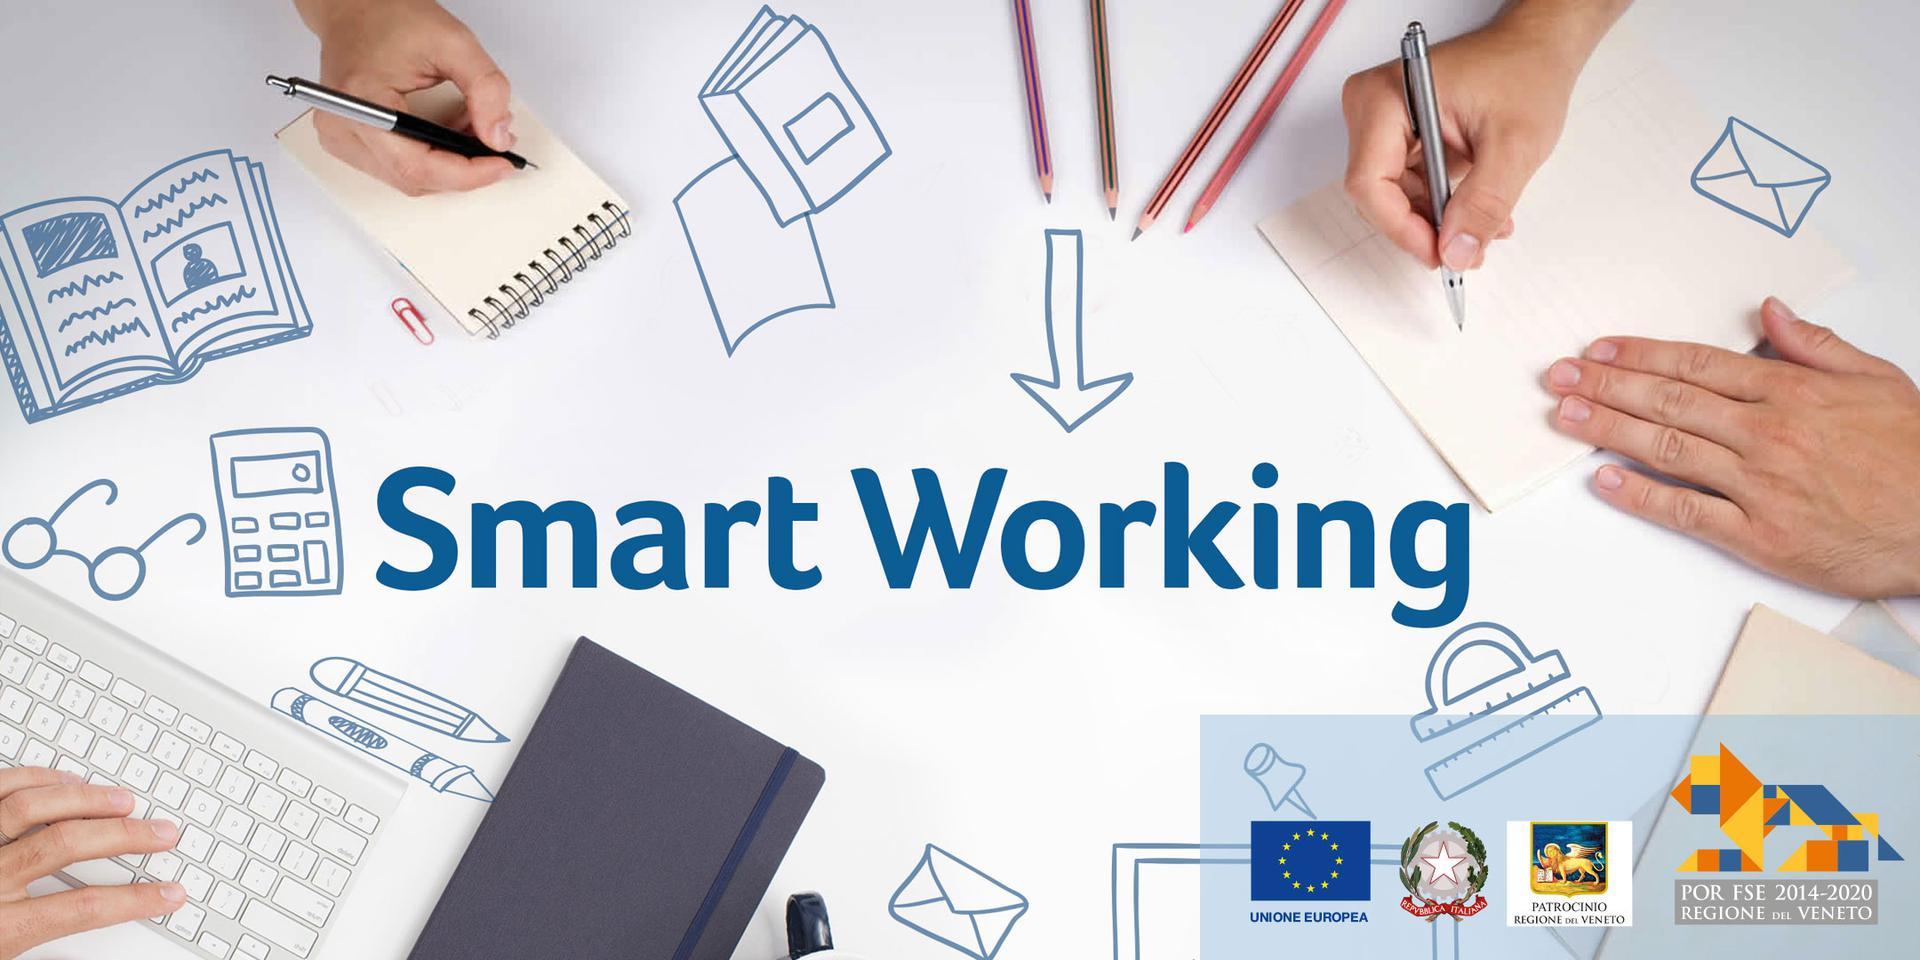 banner_evenbrite_smartworking_2